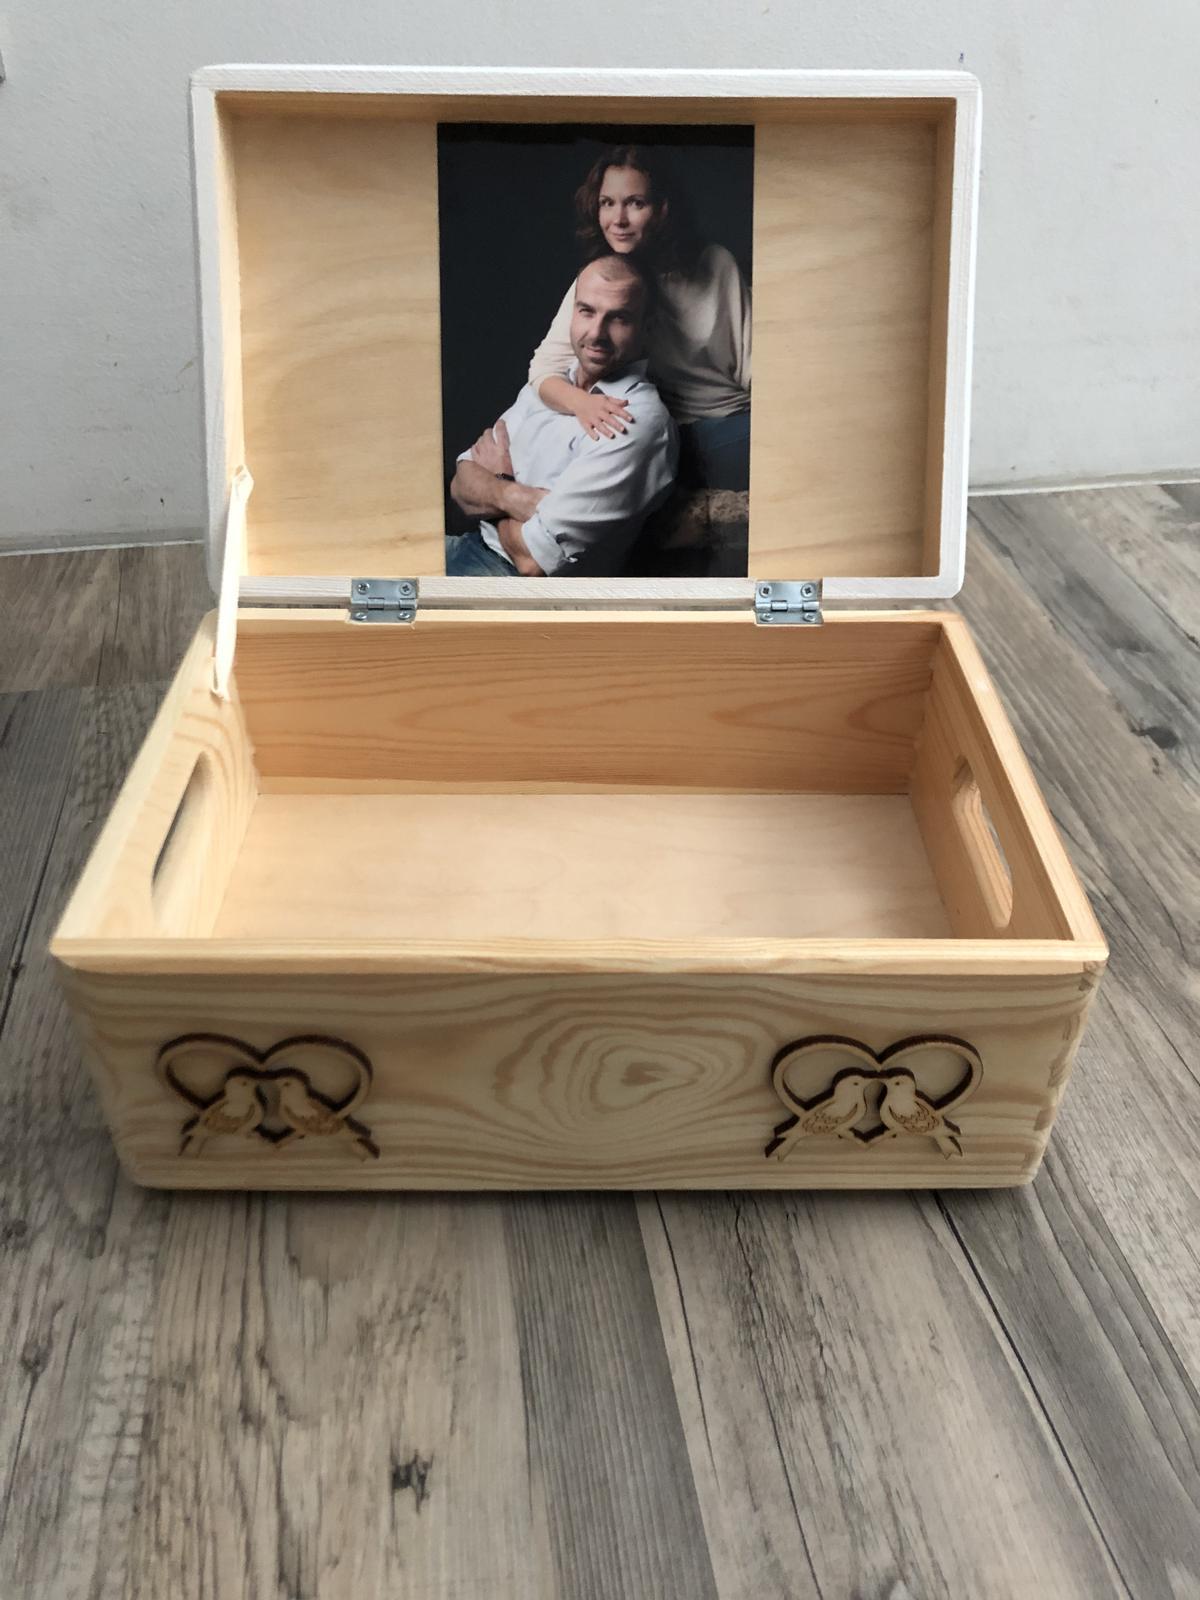 Krabica spomienok - Obrázok č. 4